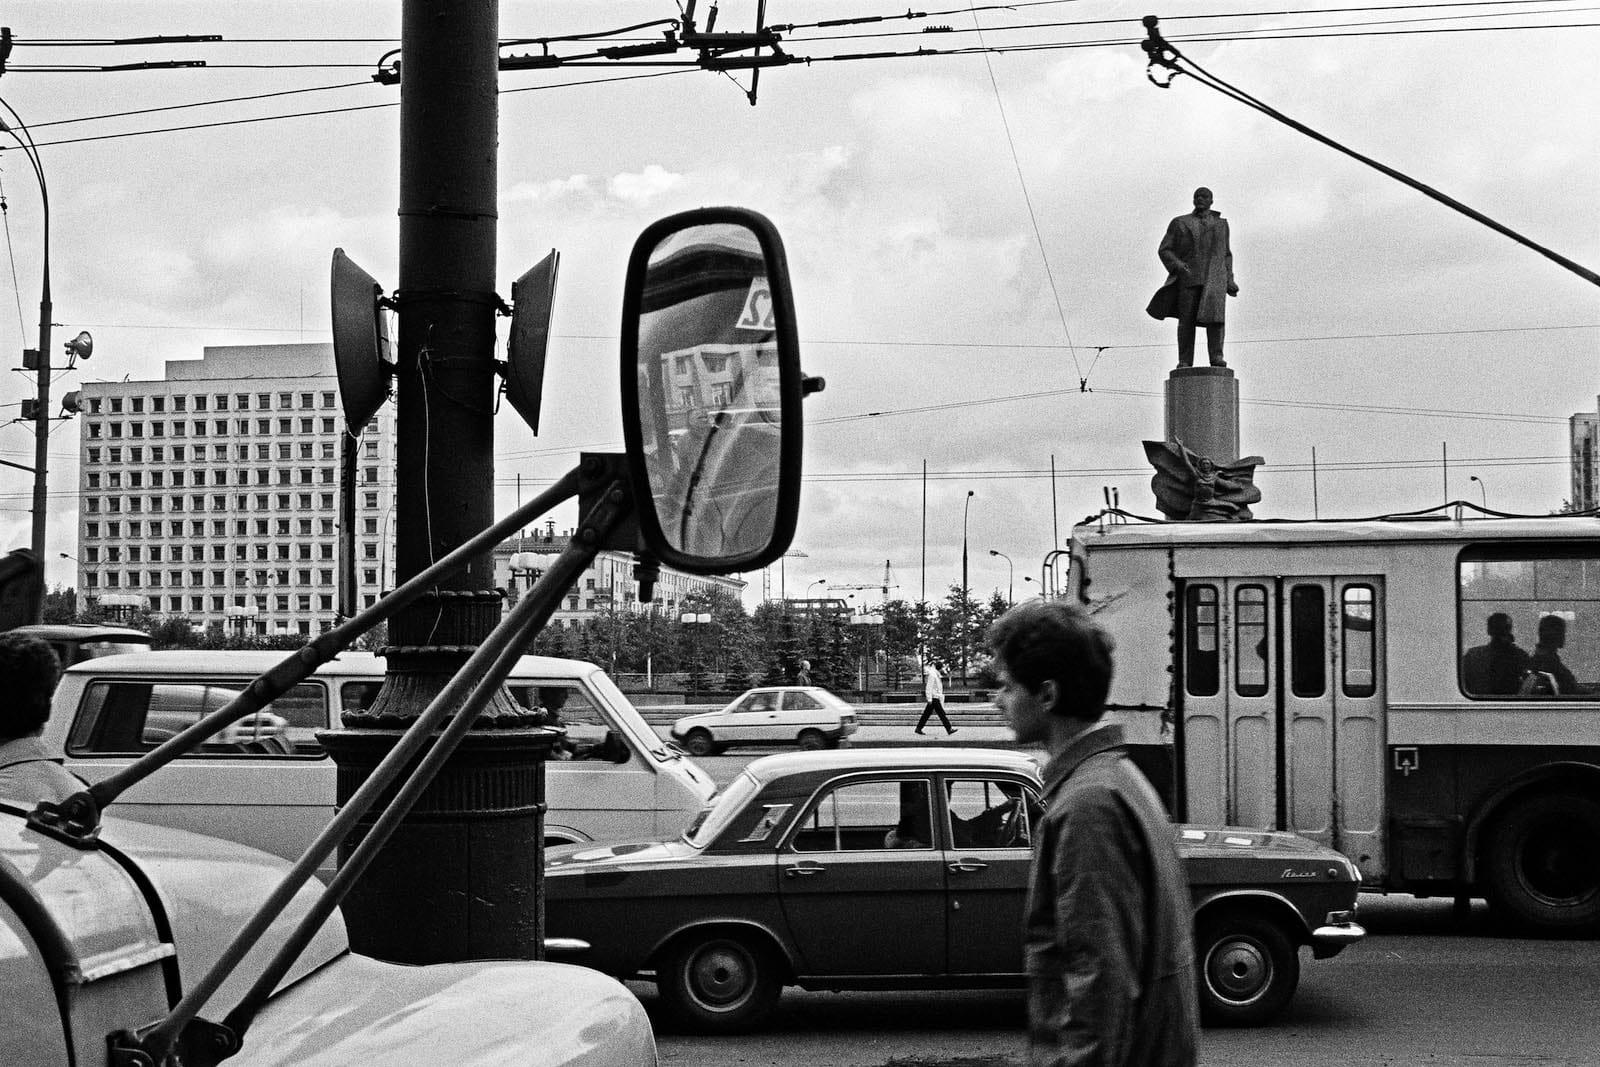 Jean-Christophe Béchet Moscou, URSS Tirage gélatino-argentique d'époque, réalisé par l'artiste 17,8 x 26,9 cm Dim. papier: 24 x 30 cm